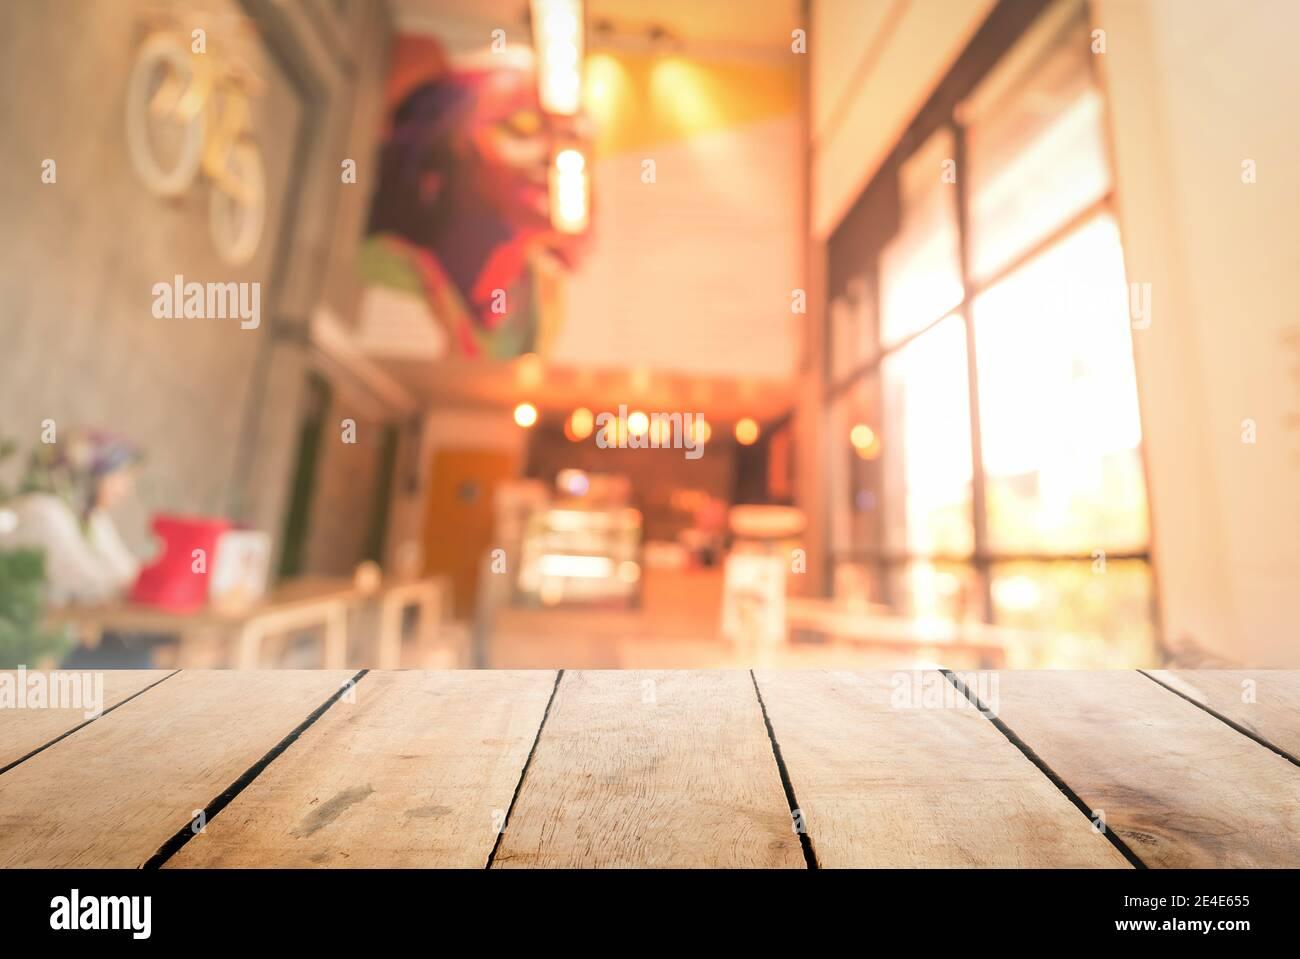 Astratto bello sfondo offuscato negozio. Foto Stock